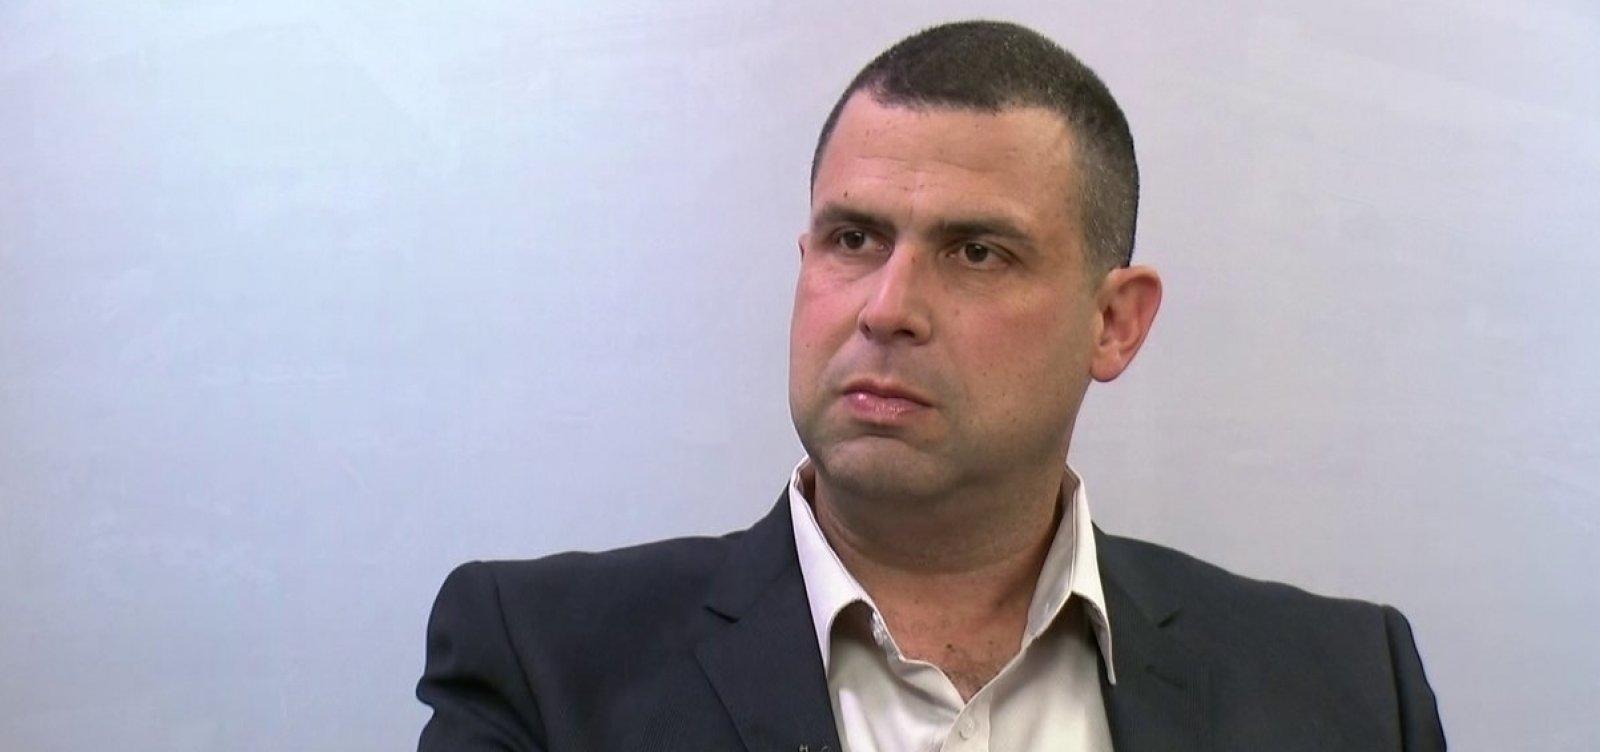 [Major Costa e Silva e assessor têm alta após disparos contra carro do candidato]